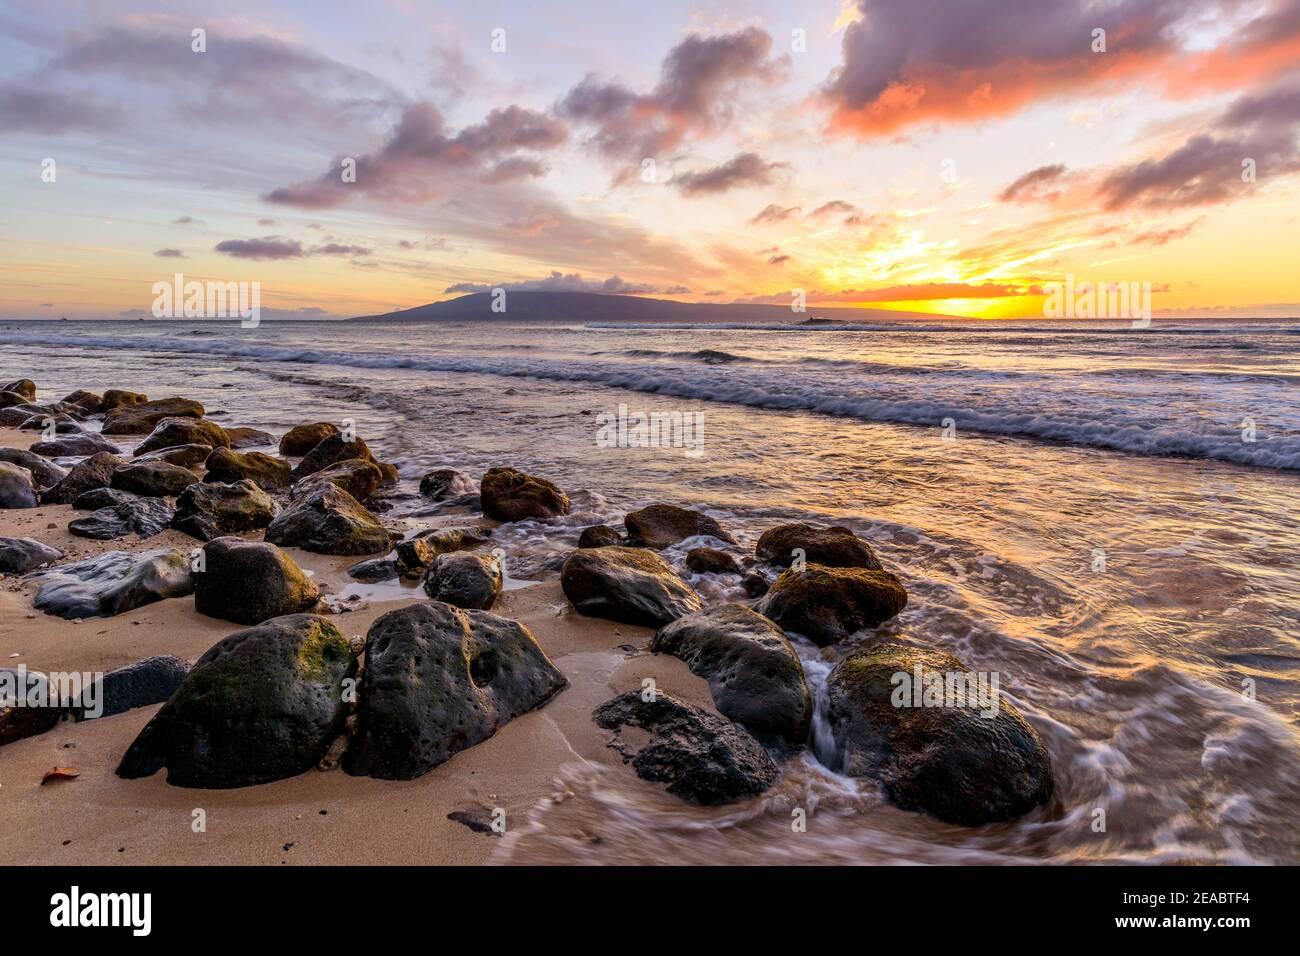 Tramonto tropicale - UN colorato tramonto su una spiaggia rocciosa della costa nord-occidentale dell'isola di Maui, con l'isola di Lanai all'orizzonte. Hawaii, Stati Uniti. Foto Stock